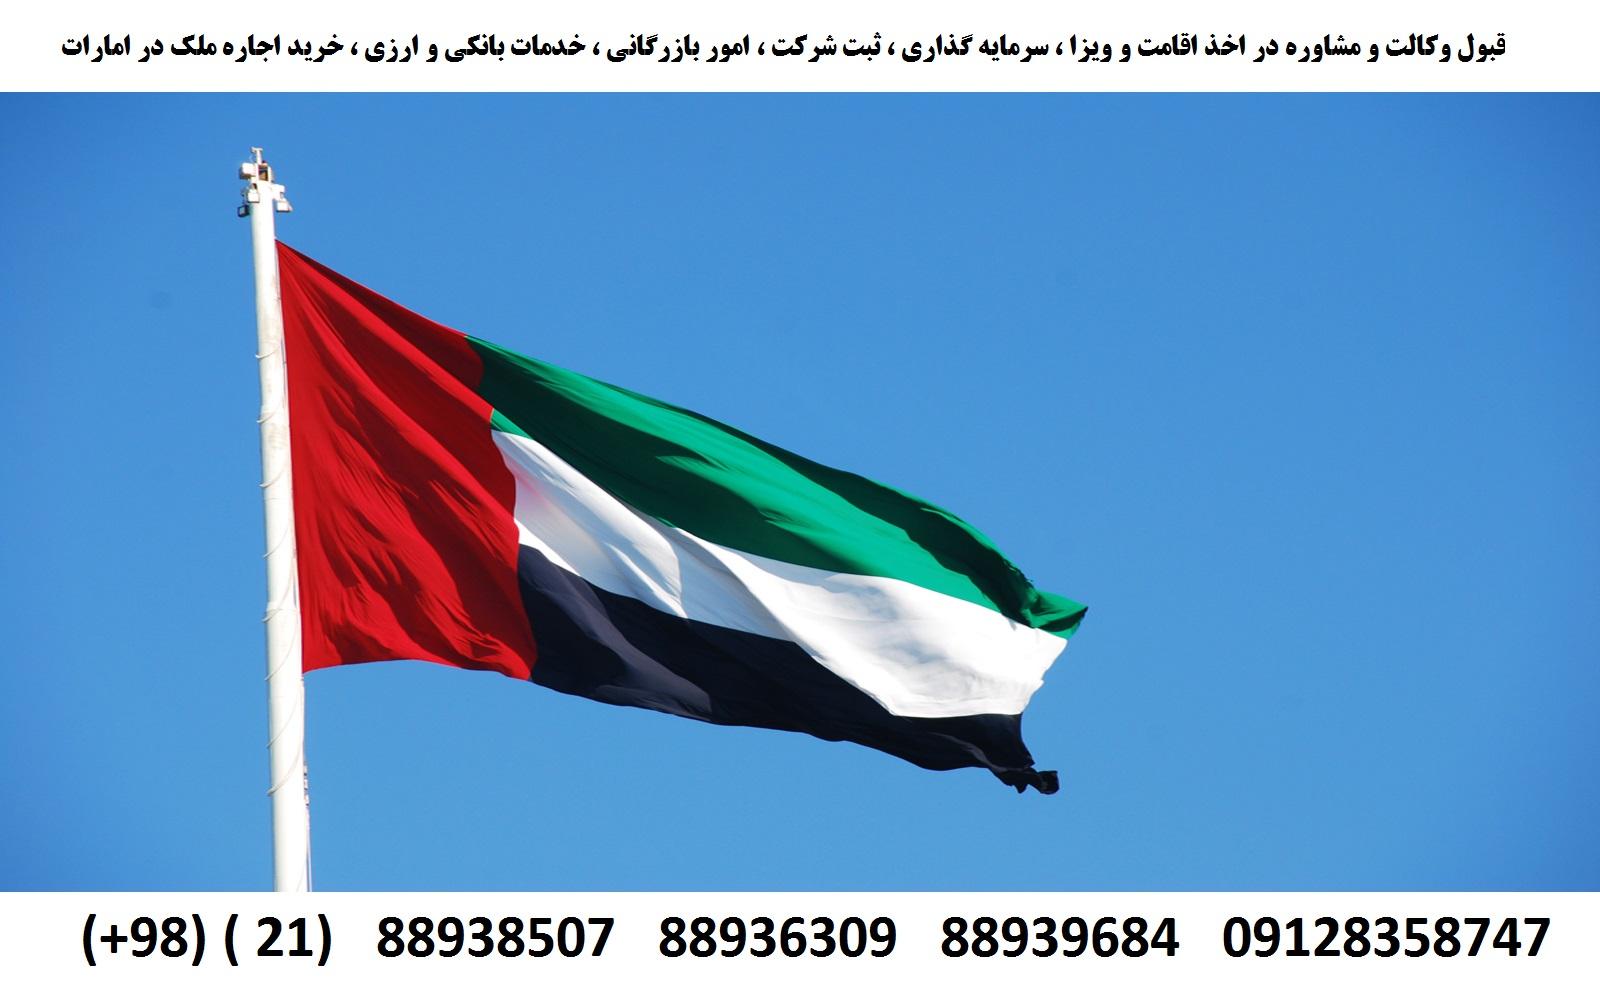 اقامت ، ثبت شرکت ، سرمایه گذاری ، خرید ملک در امارات و دبی (1)